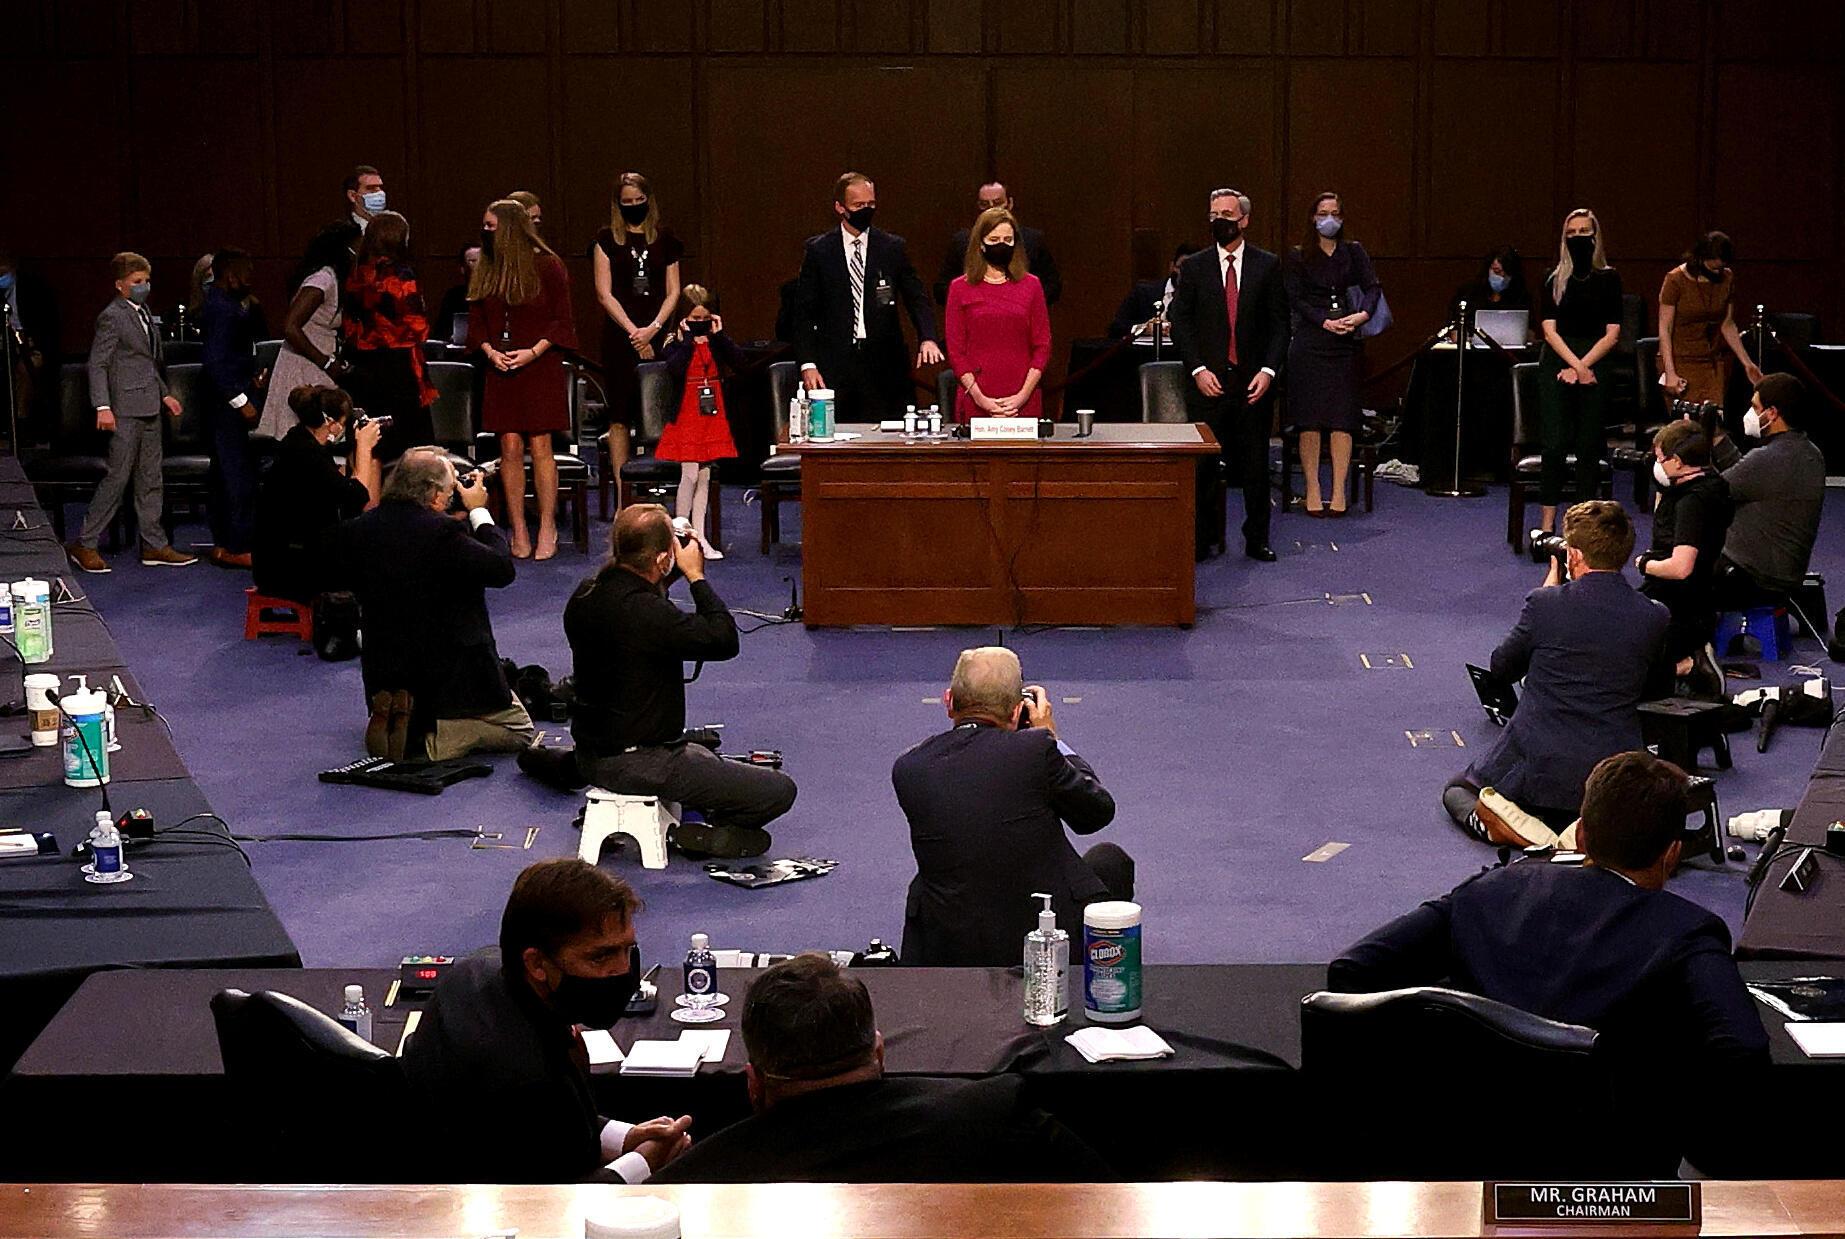 Thẩm phán Amy Coney Barrett (đứng giữa áo đỏ) trong cuộc điều trần tại Thượng Viện Mỹ,  Washington, ngày 12/10/2020.